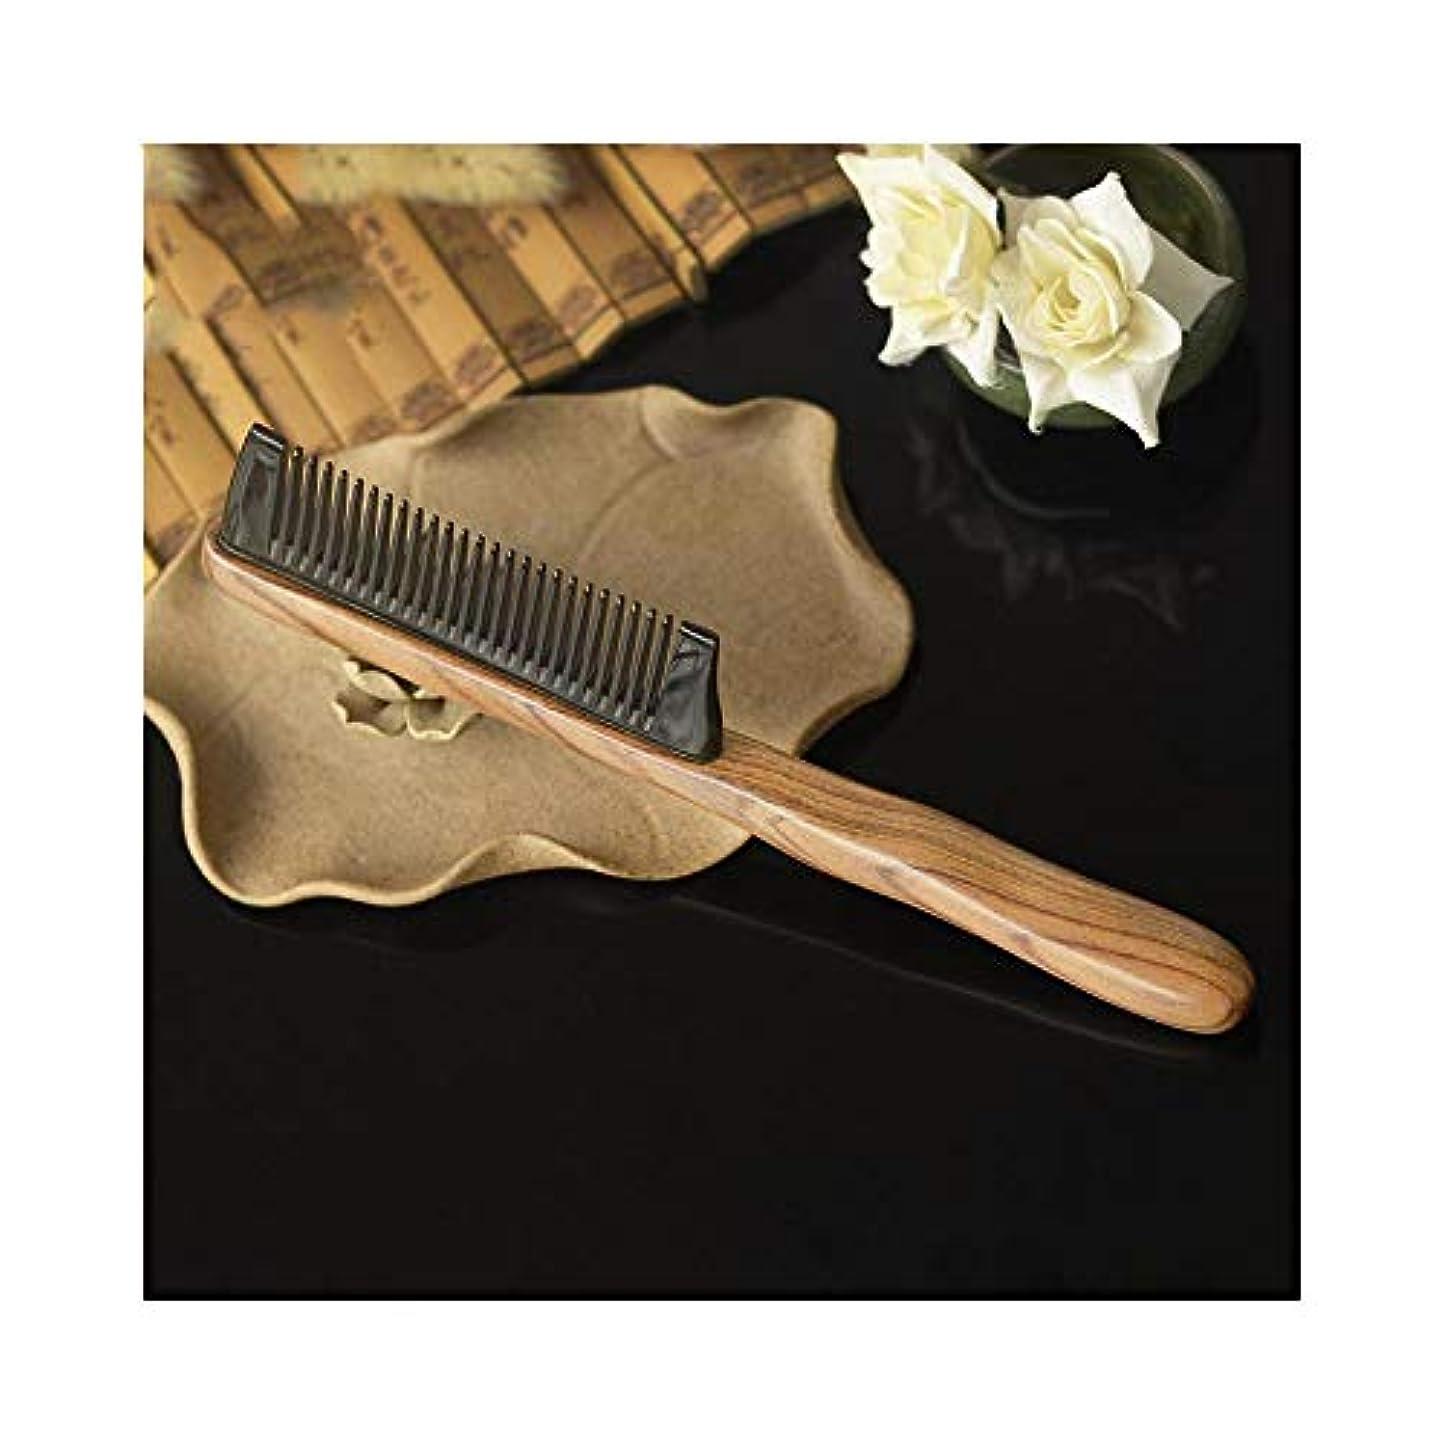 アデレード面白い余暇WASAIO ヘアブラシ帯電防止サンダルウッド櫛女性のための手作りの水牛角櫛 (色 : Photo color)